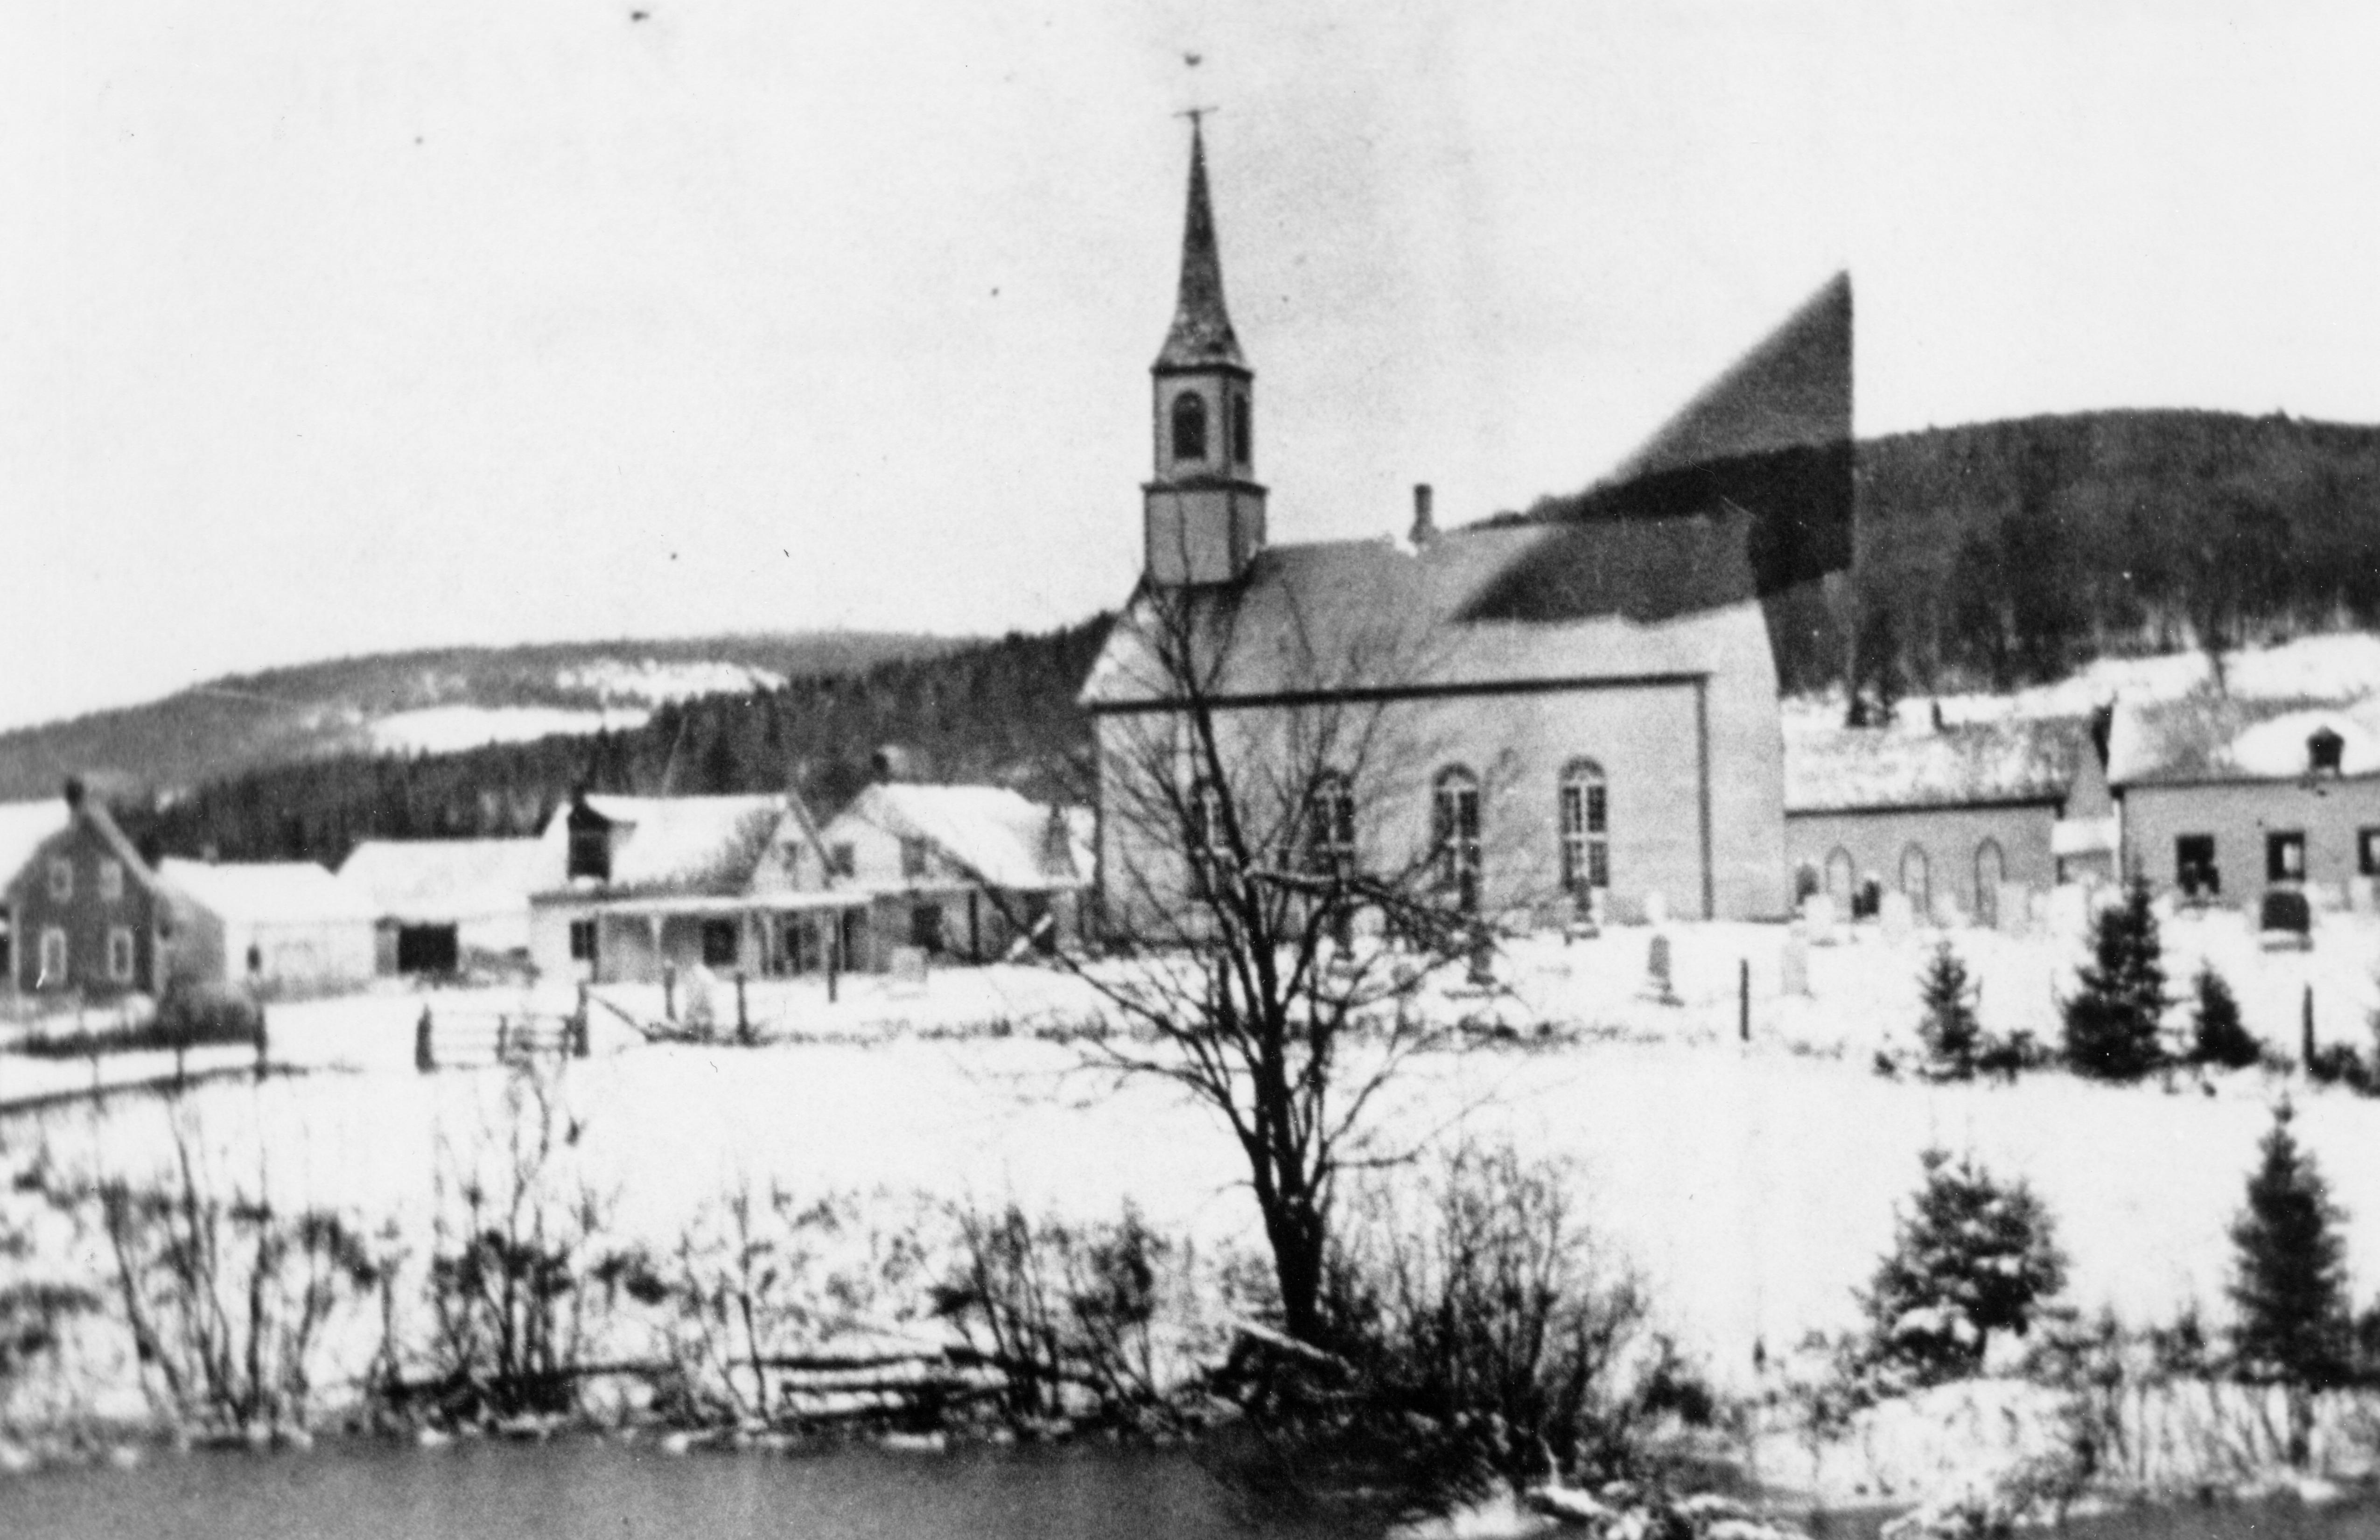 Kinnear's Mills en1900